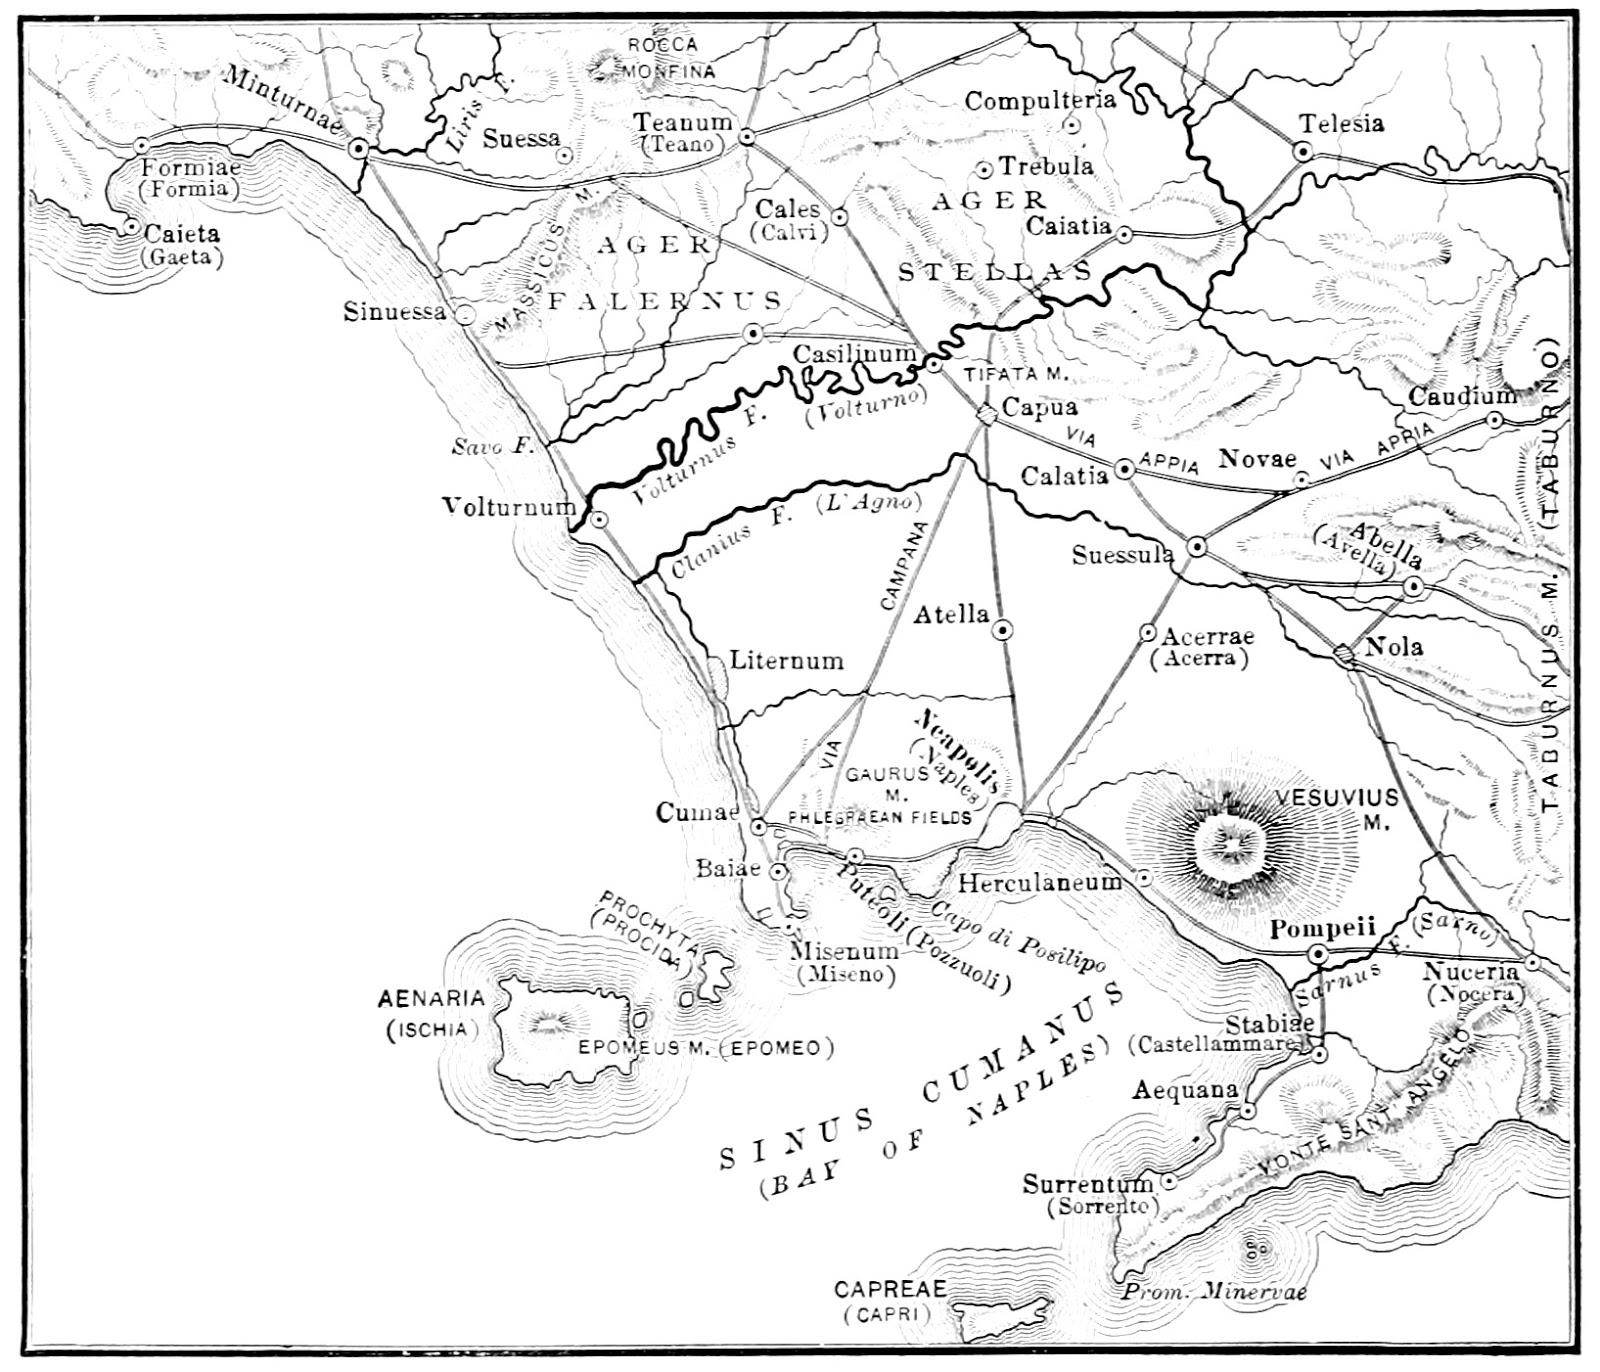 Mappa della Campania al termine del III sec. a.C.